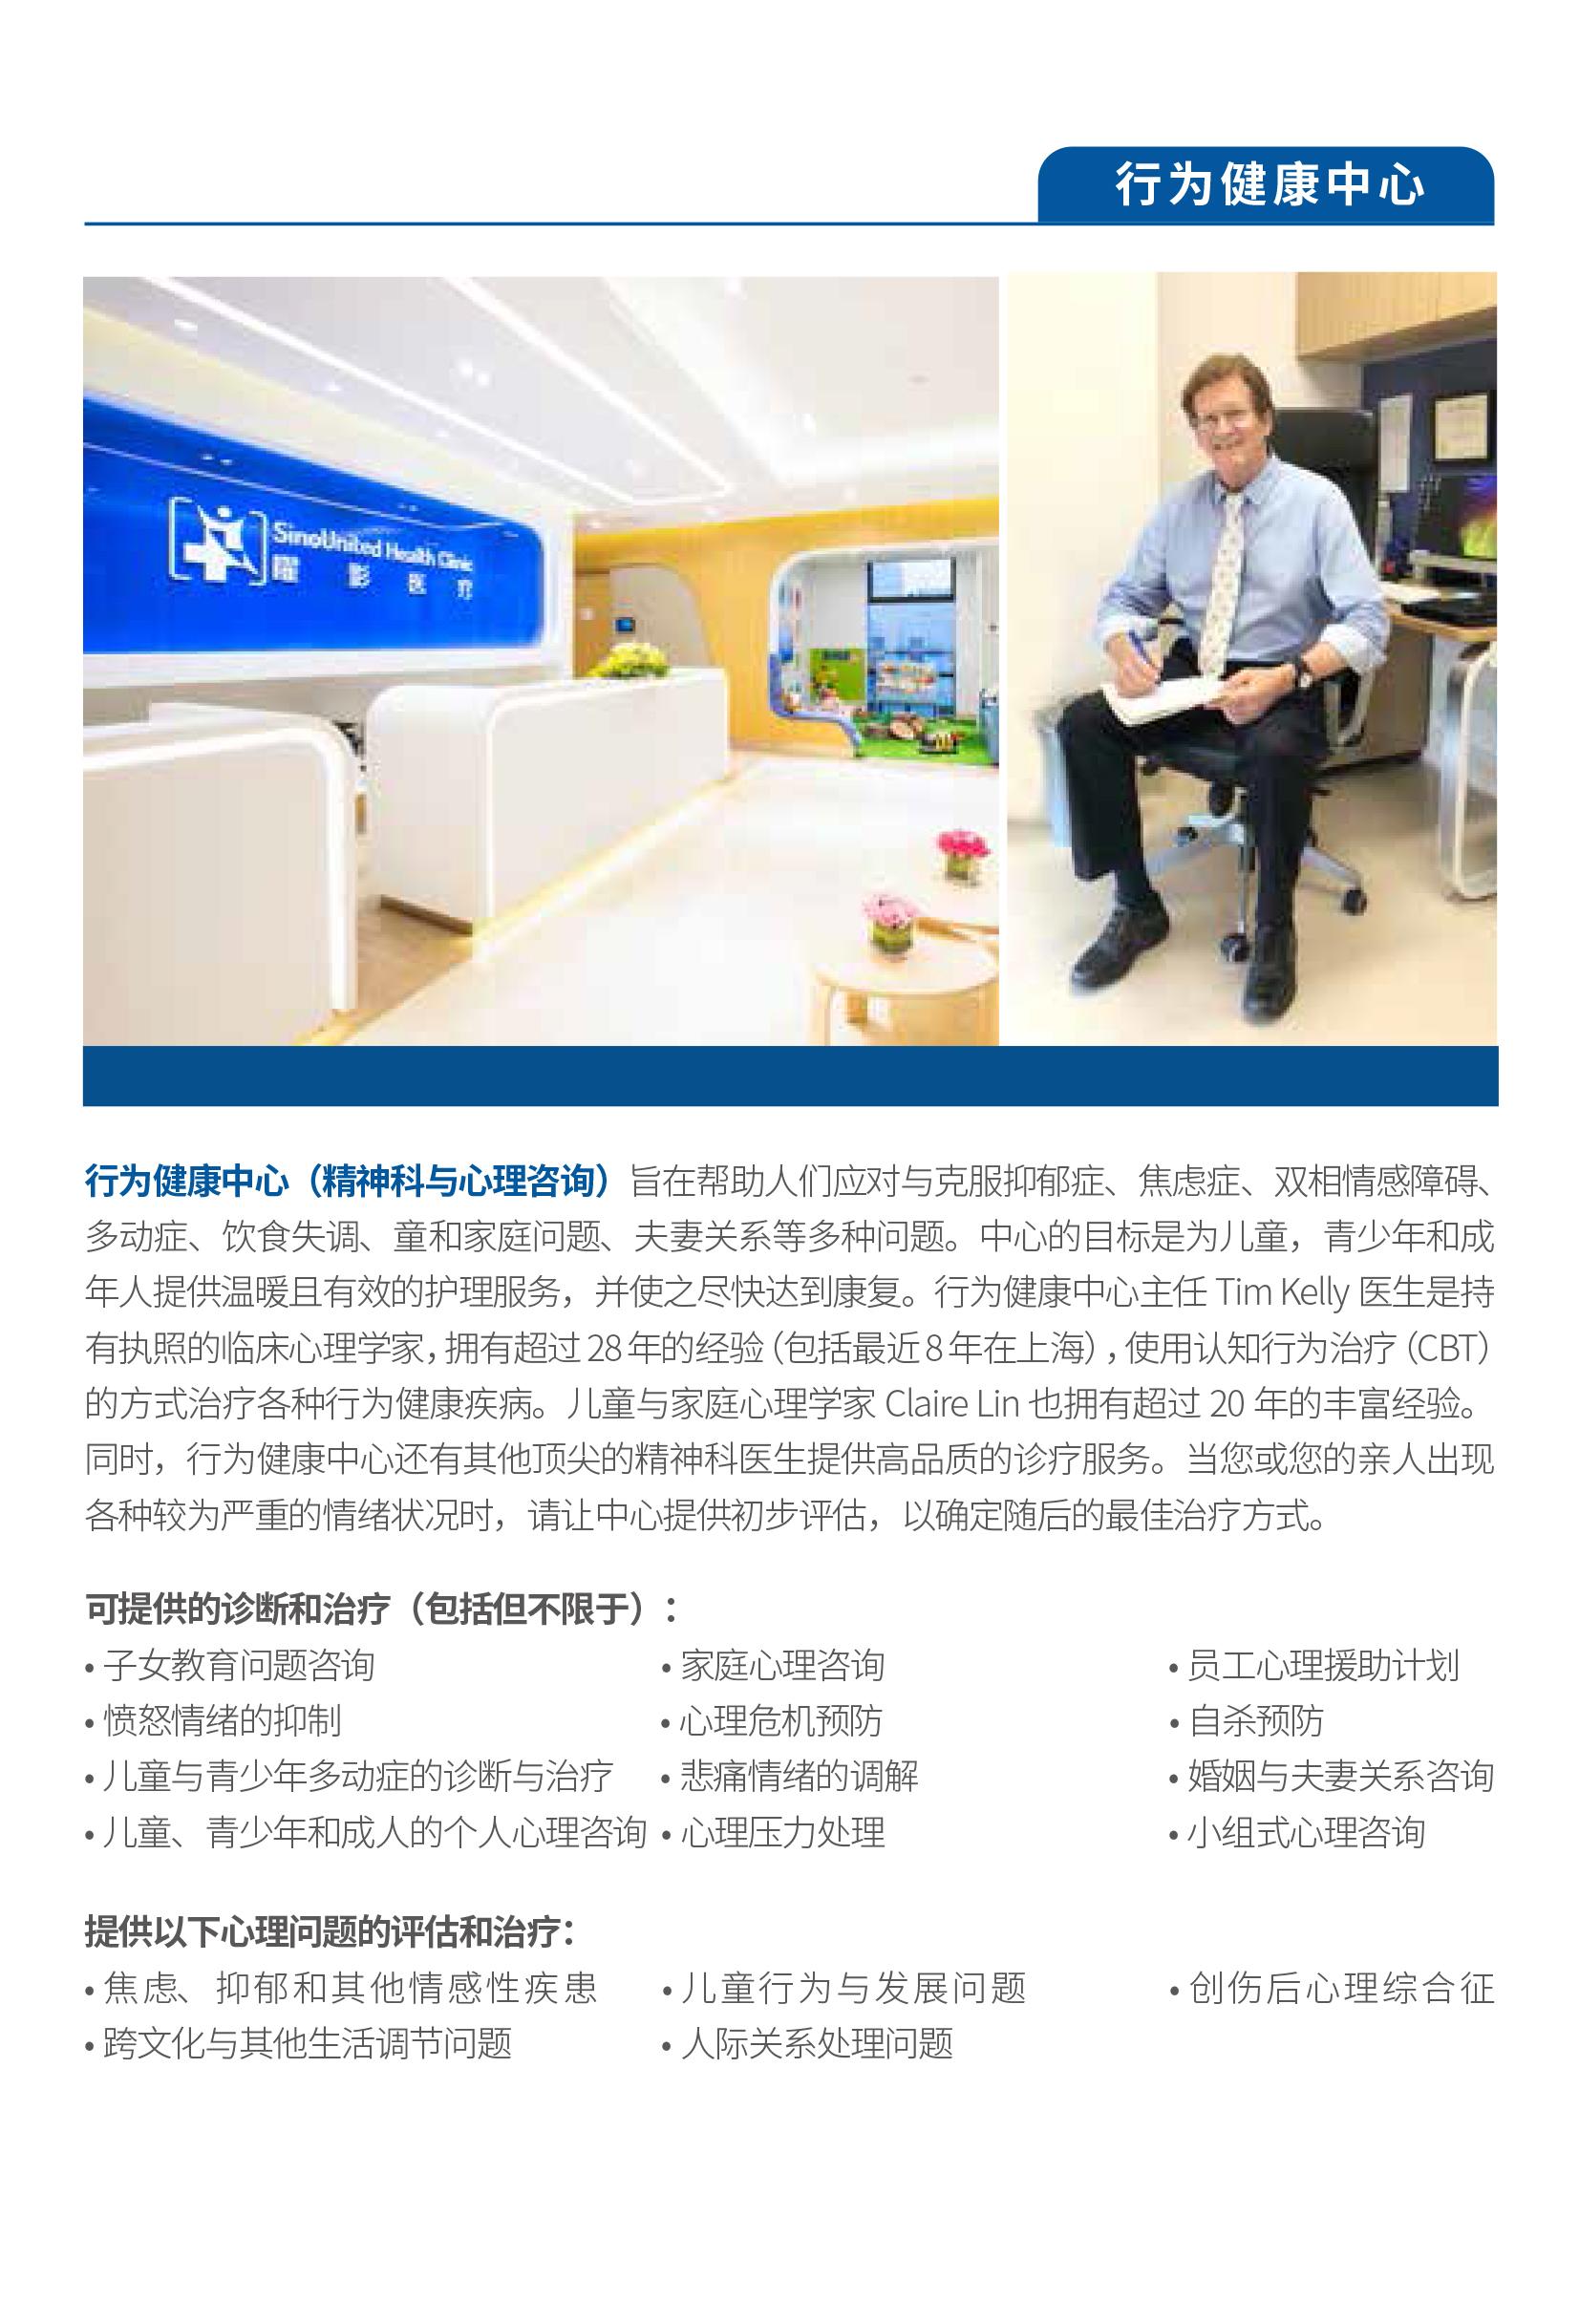 曜影医疗行为与健康发展-中文.jpg